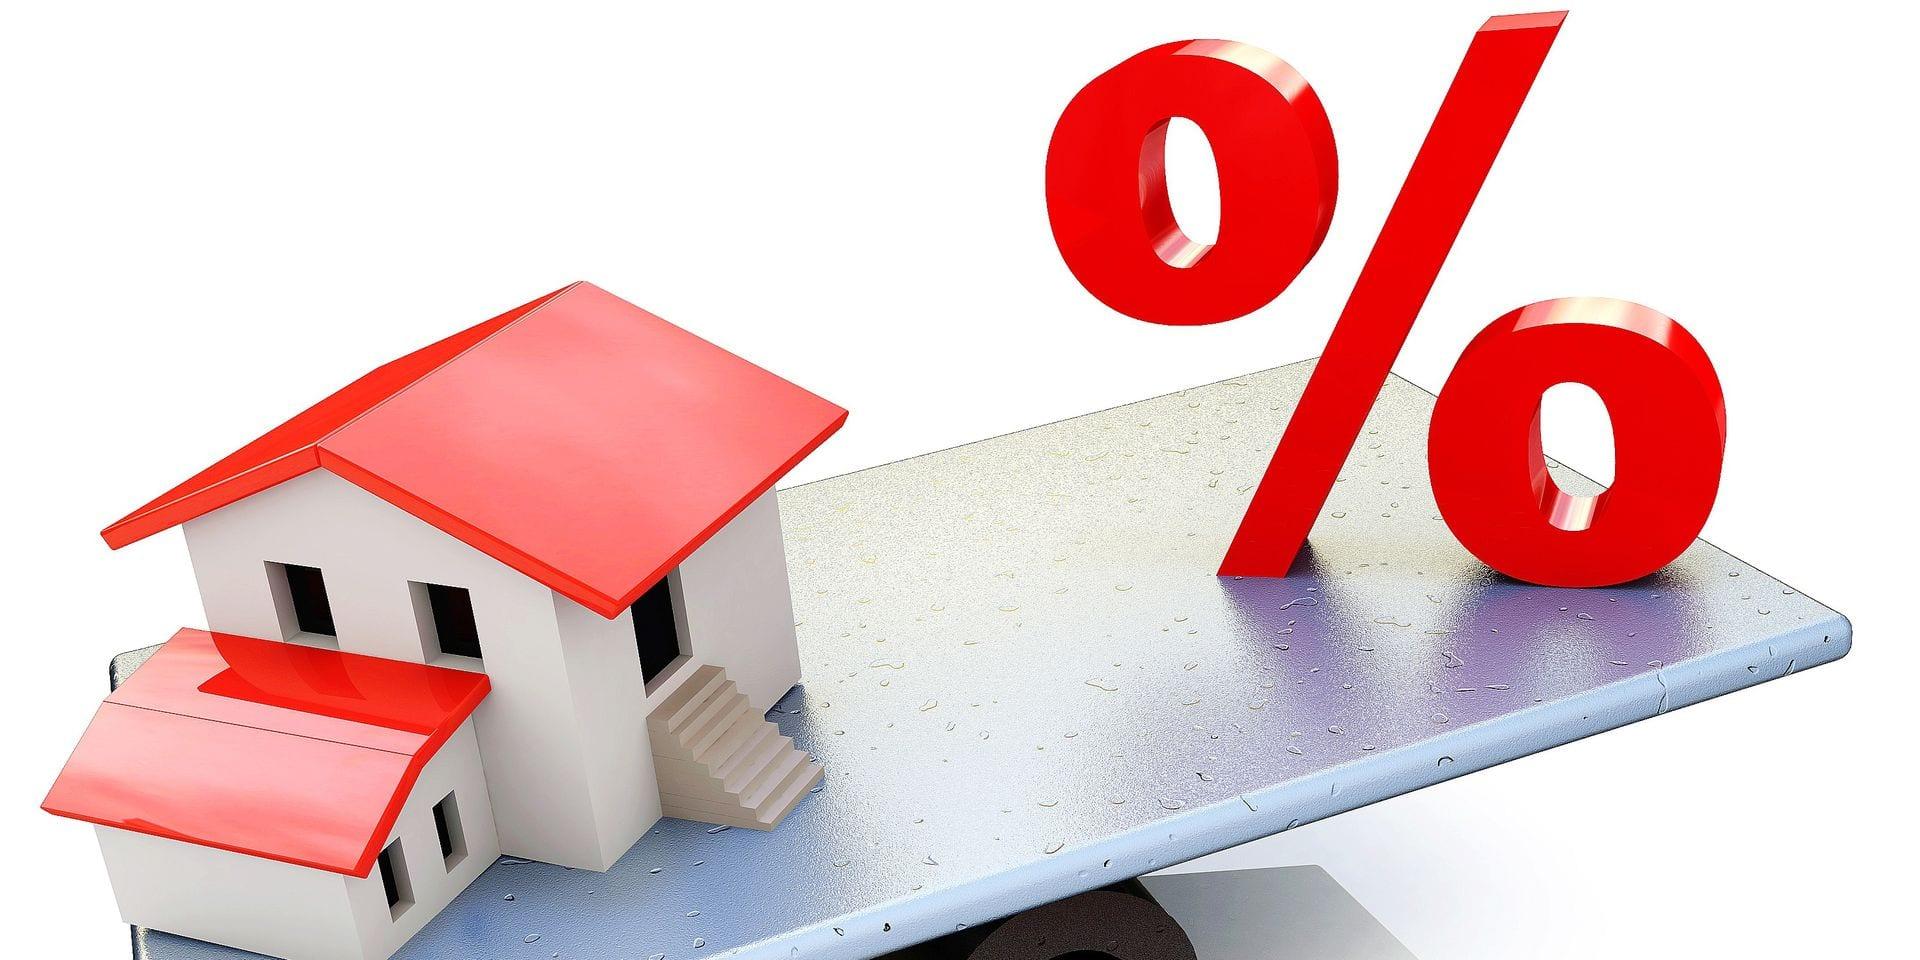 Crédits immo: le grand rush vers les crédits à taux variable, un emprunteur sur deux opte pour cette formule